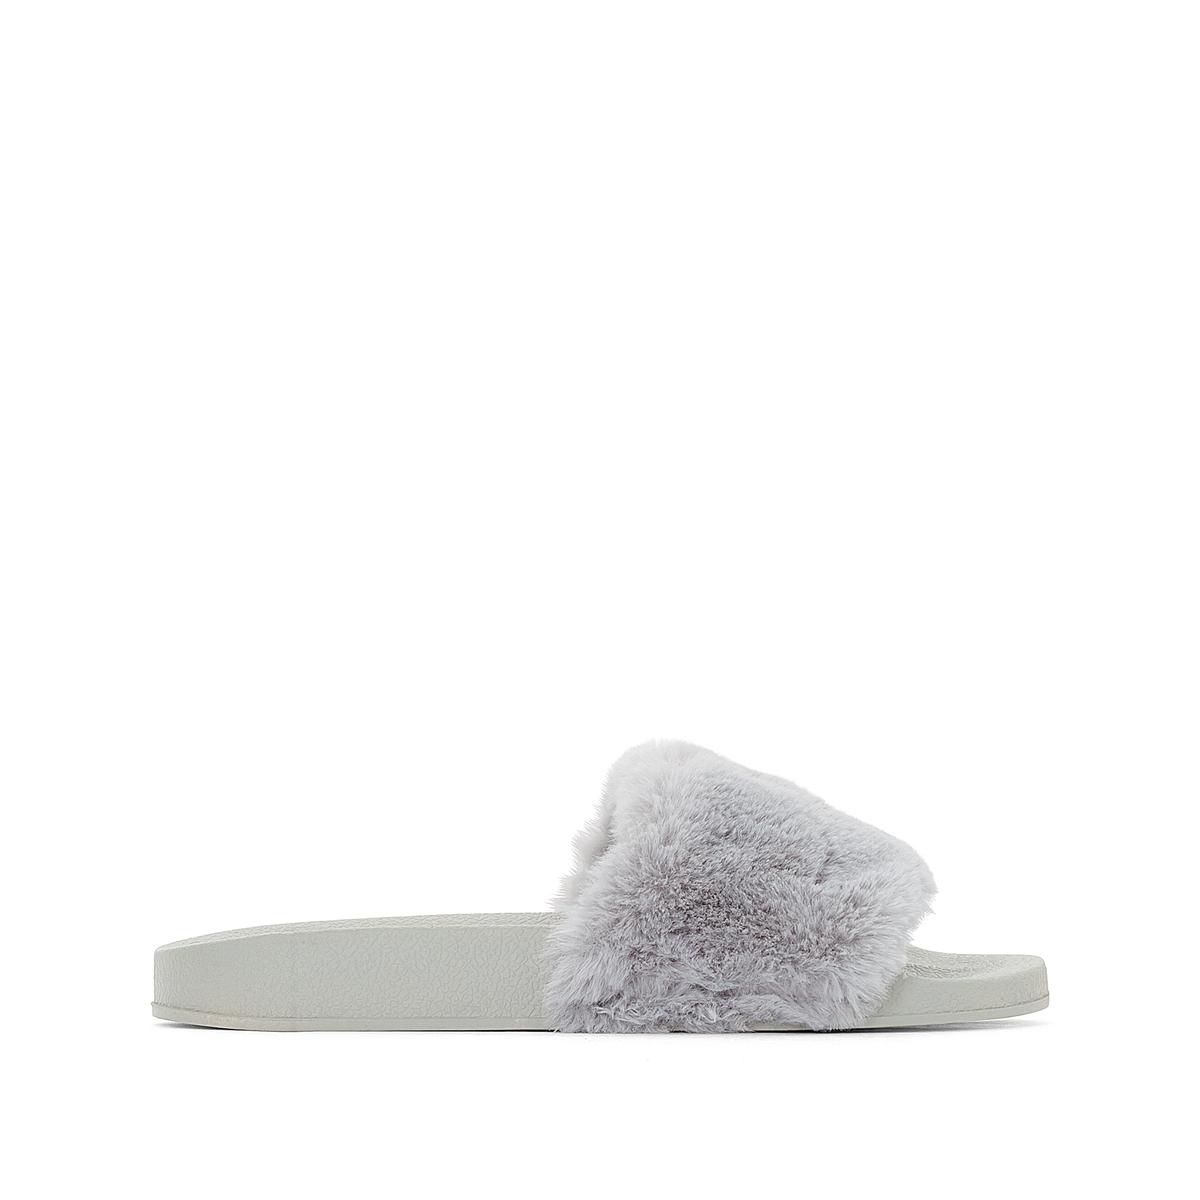 Туфли без задника на меху WaikikiДетали •  Туфли без задника •  Высота каблука : 2 см •  Застежка : без застежки •  Открытый мысок •  Гладкая отделкаСостав и уход •  Верх 100% синтетический материал •  Подкладка 100% синтетический материал •  Стелька 100% синтетический материал •  Подошва 100% синтетический материал<br><br>Цвет: серый